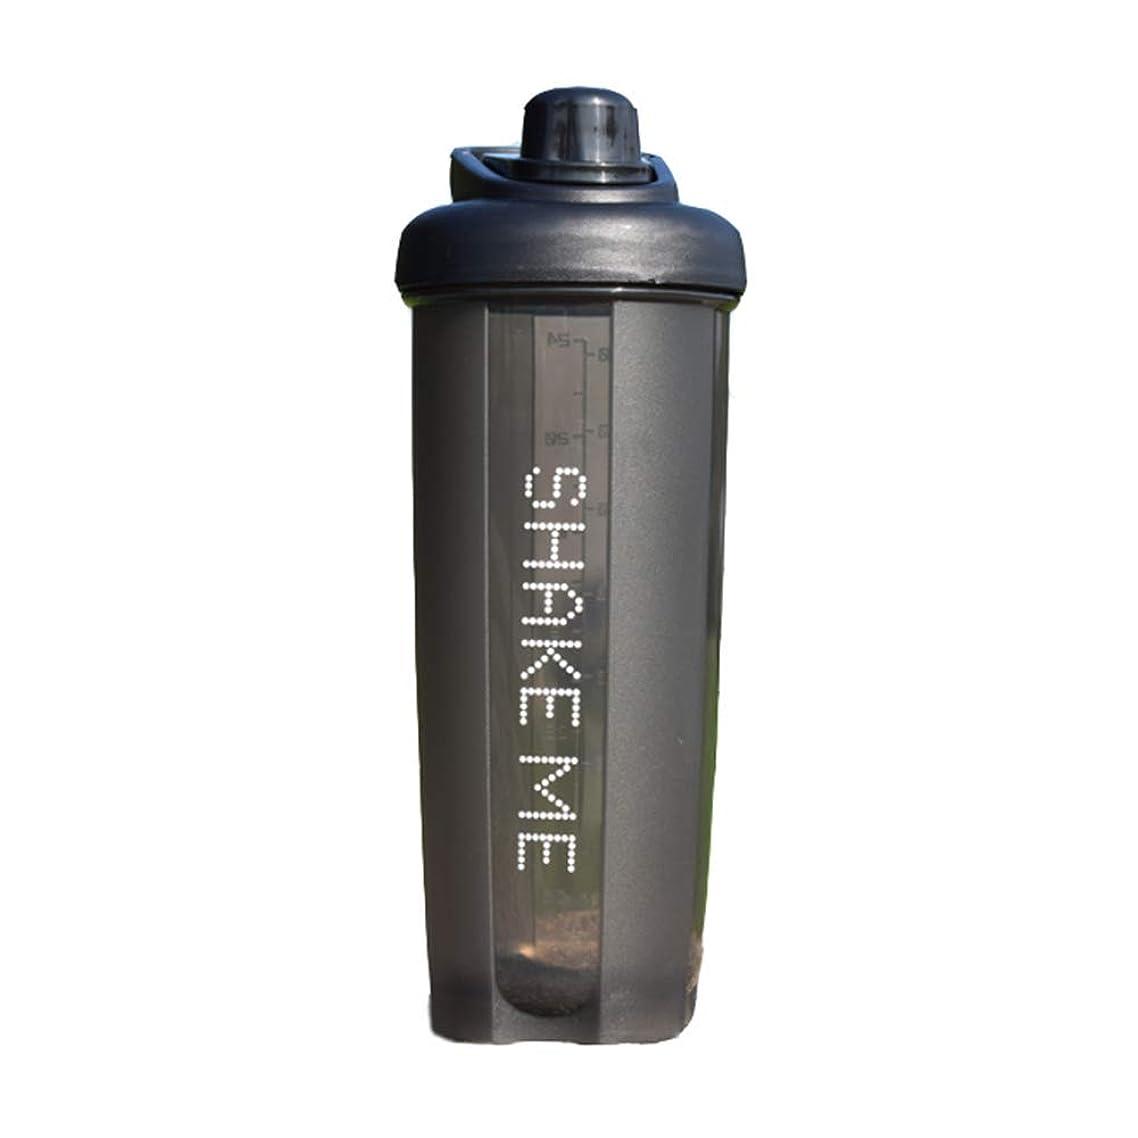 ハリウッド革命乱れGOIOD ブレンダーボトル ミキサー シェーカー ボトル Classic (500-700ml) ブラック